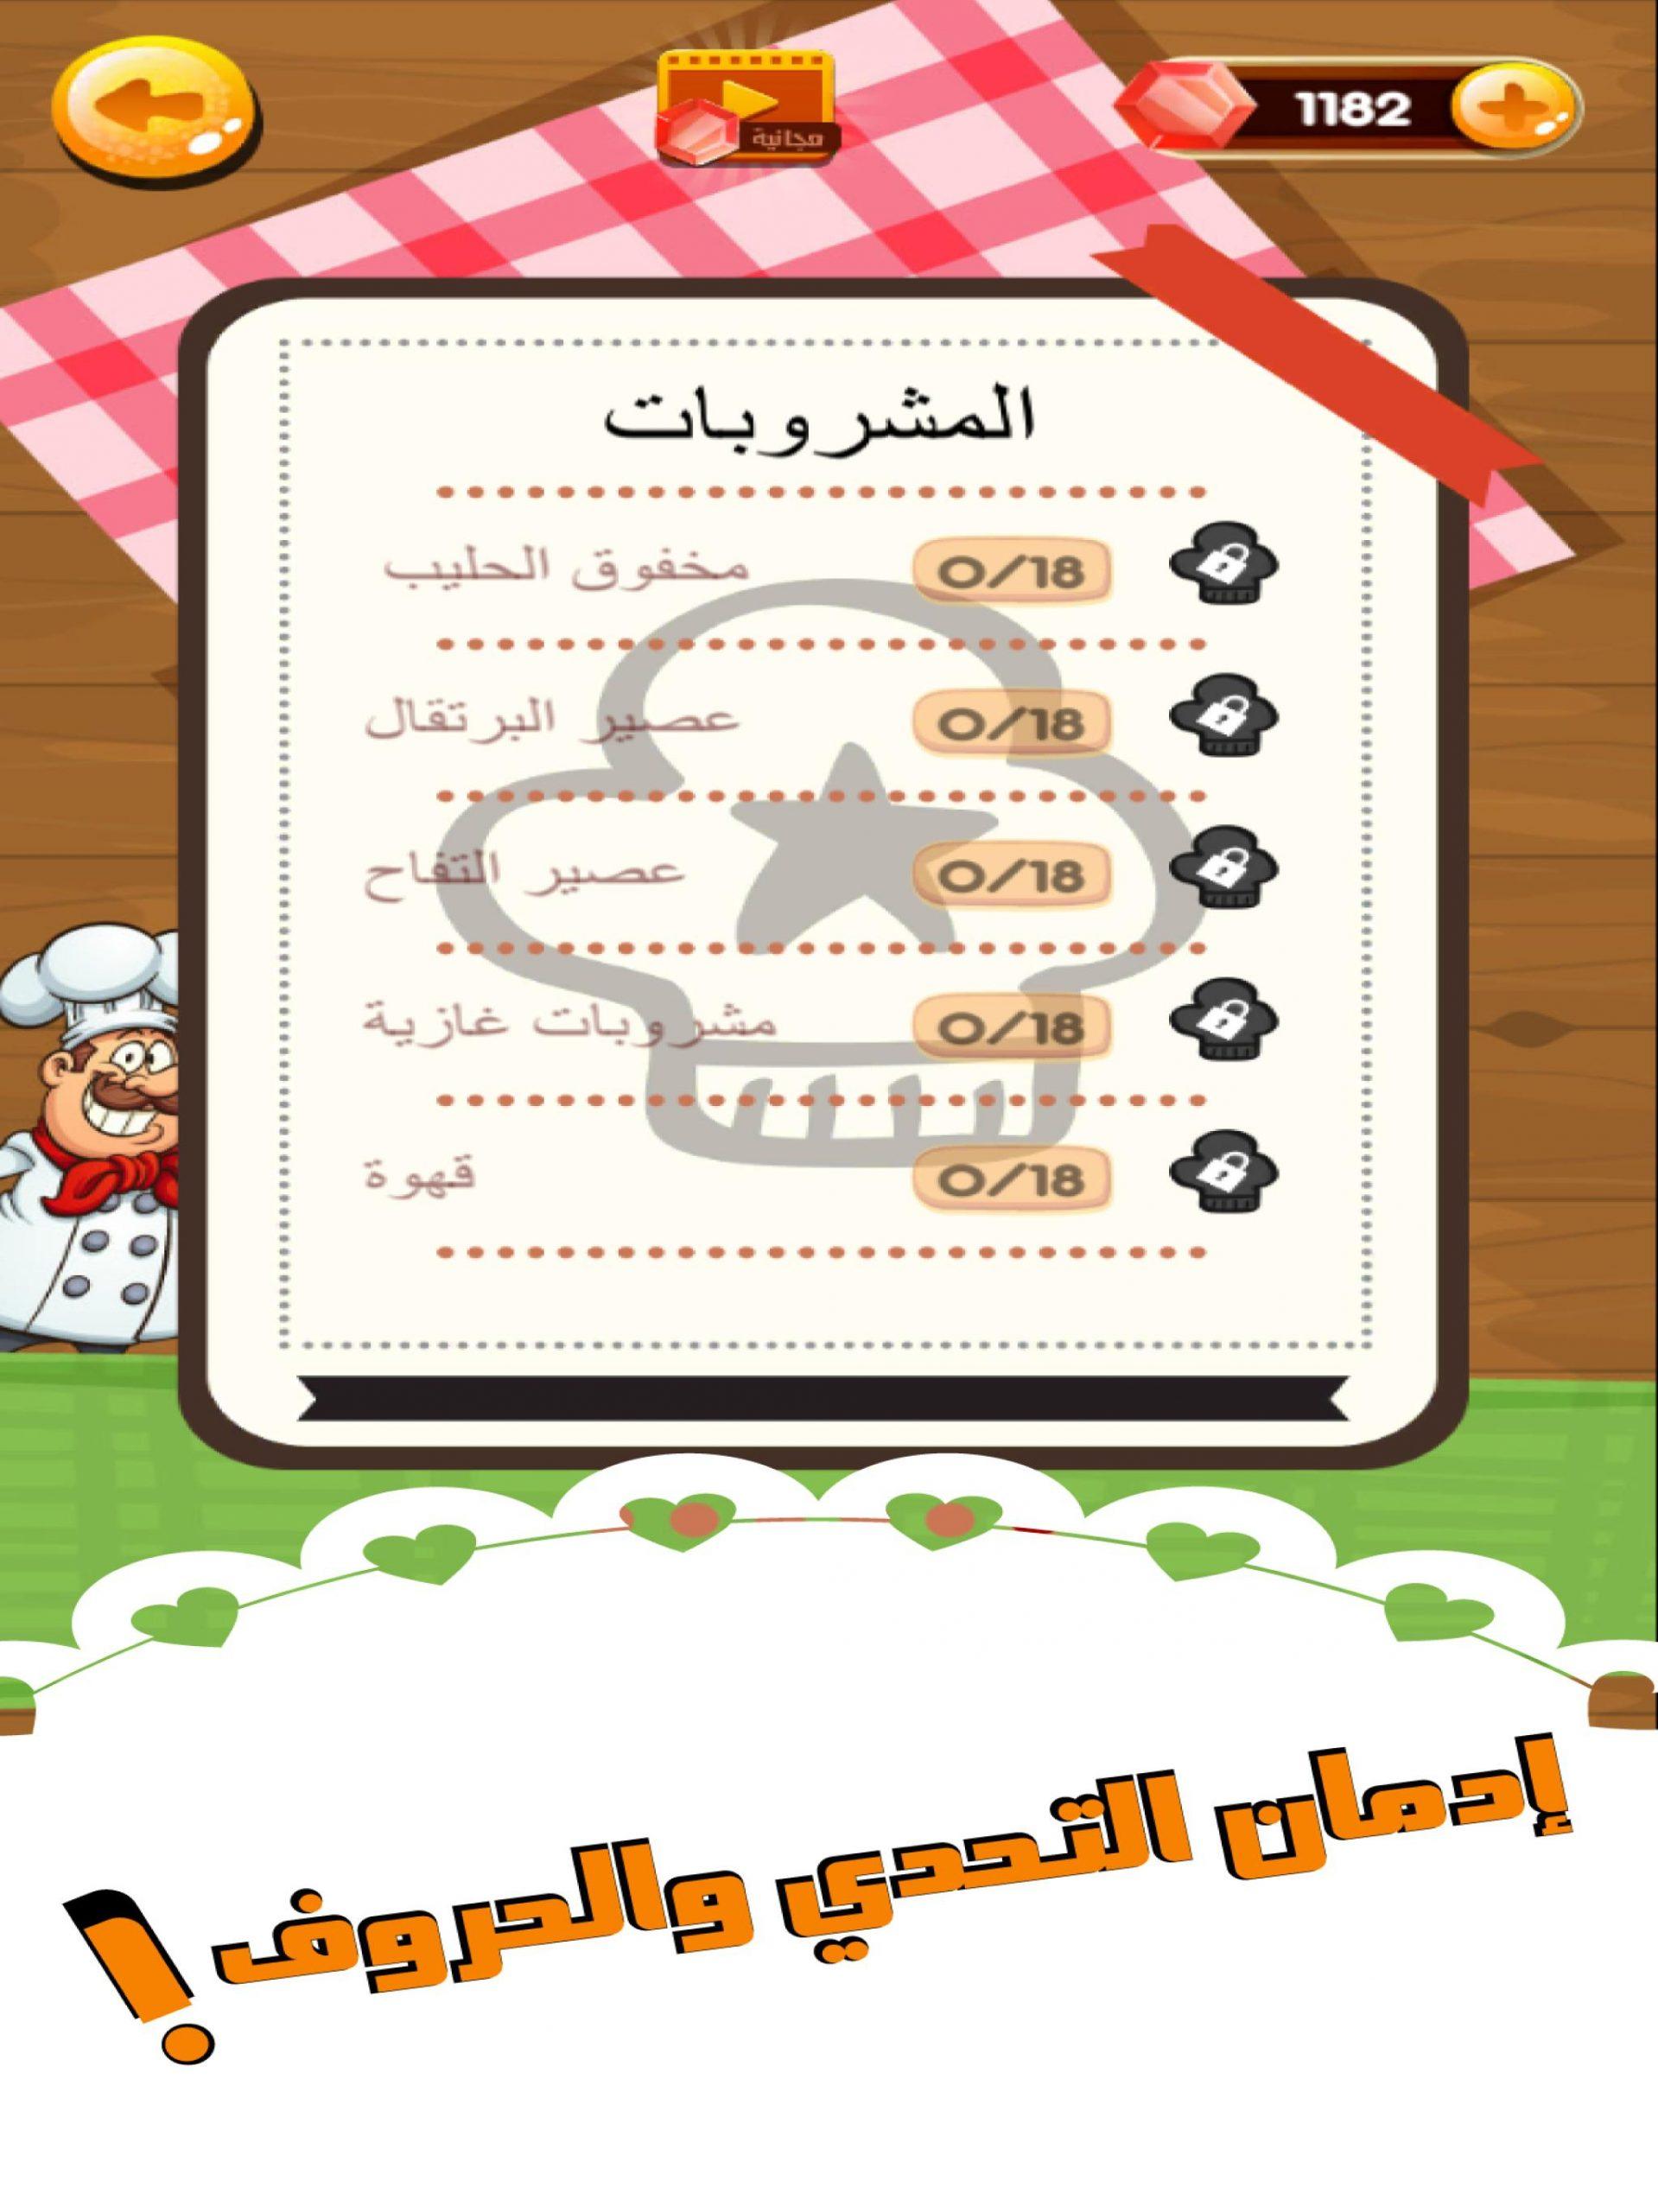 Mots Croisés: Jeu Arabe. العاب عربية Pour Android avec Fabriquer Des Mots Croisés